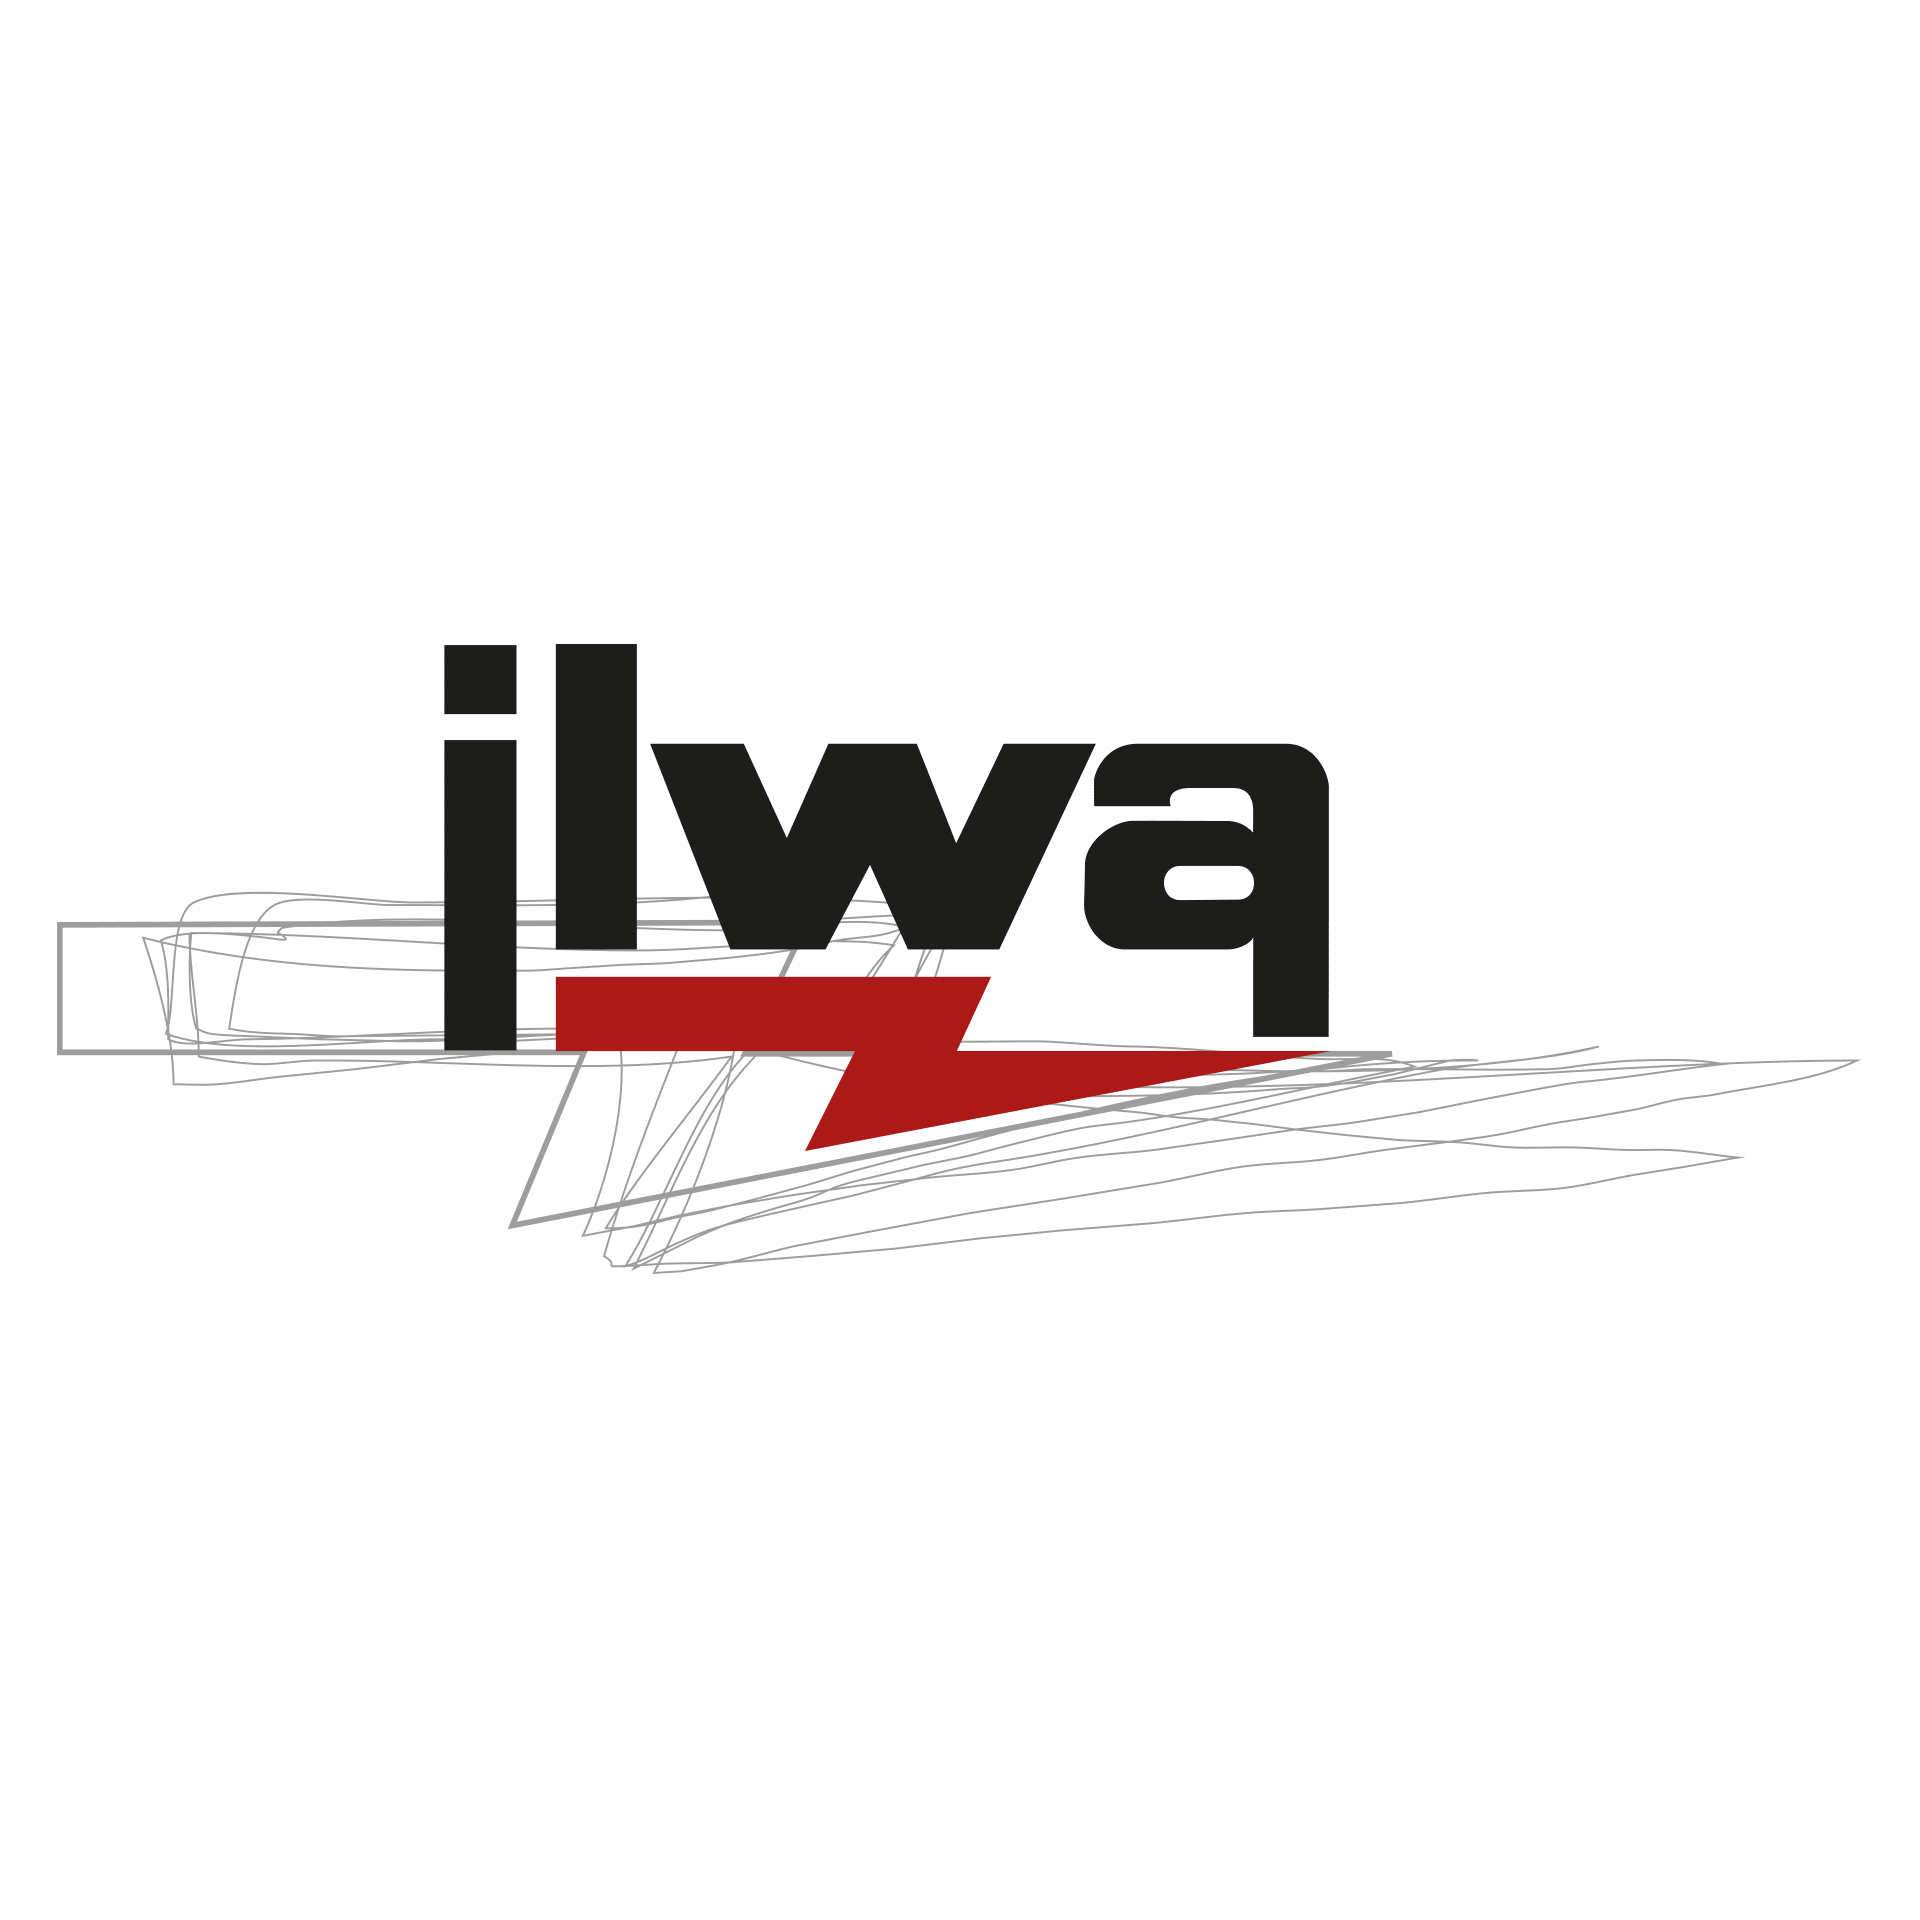 Ilwa - Ilwa